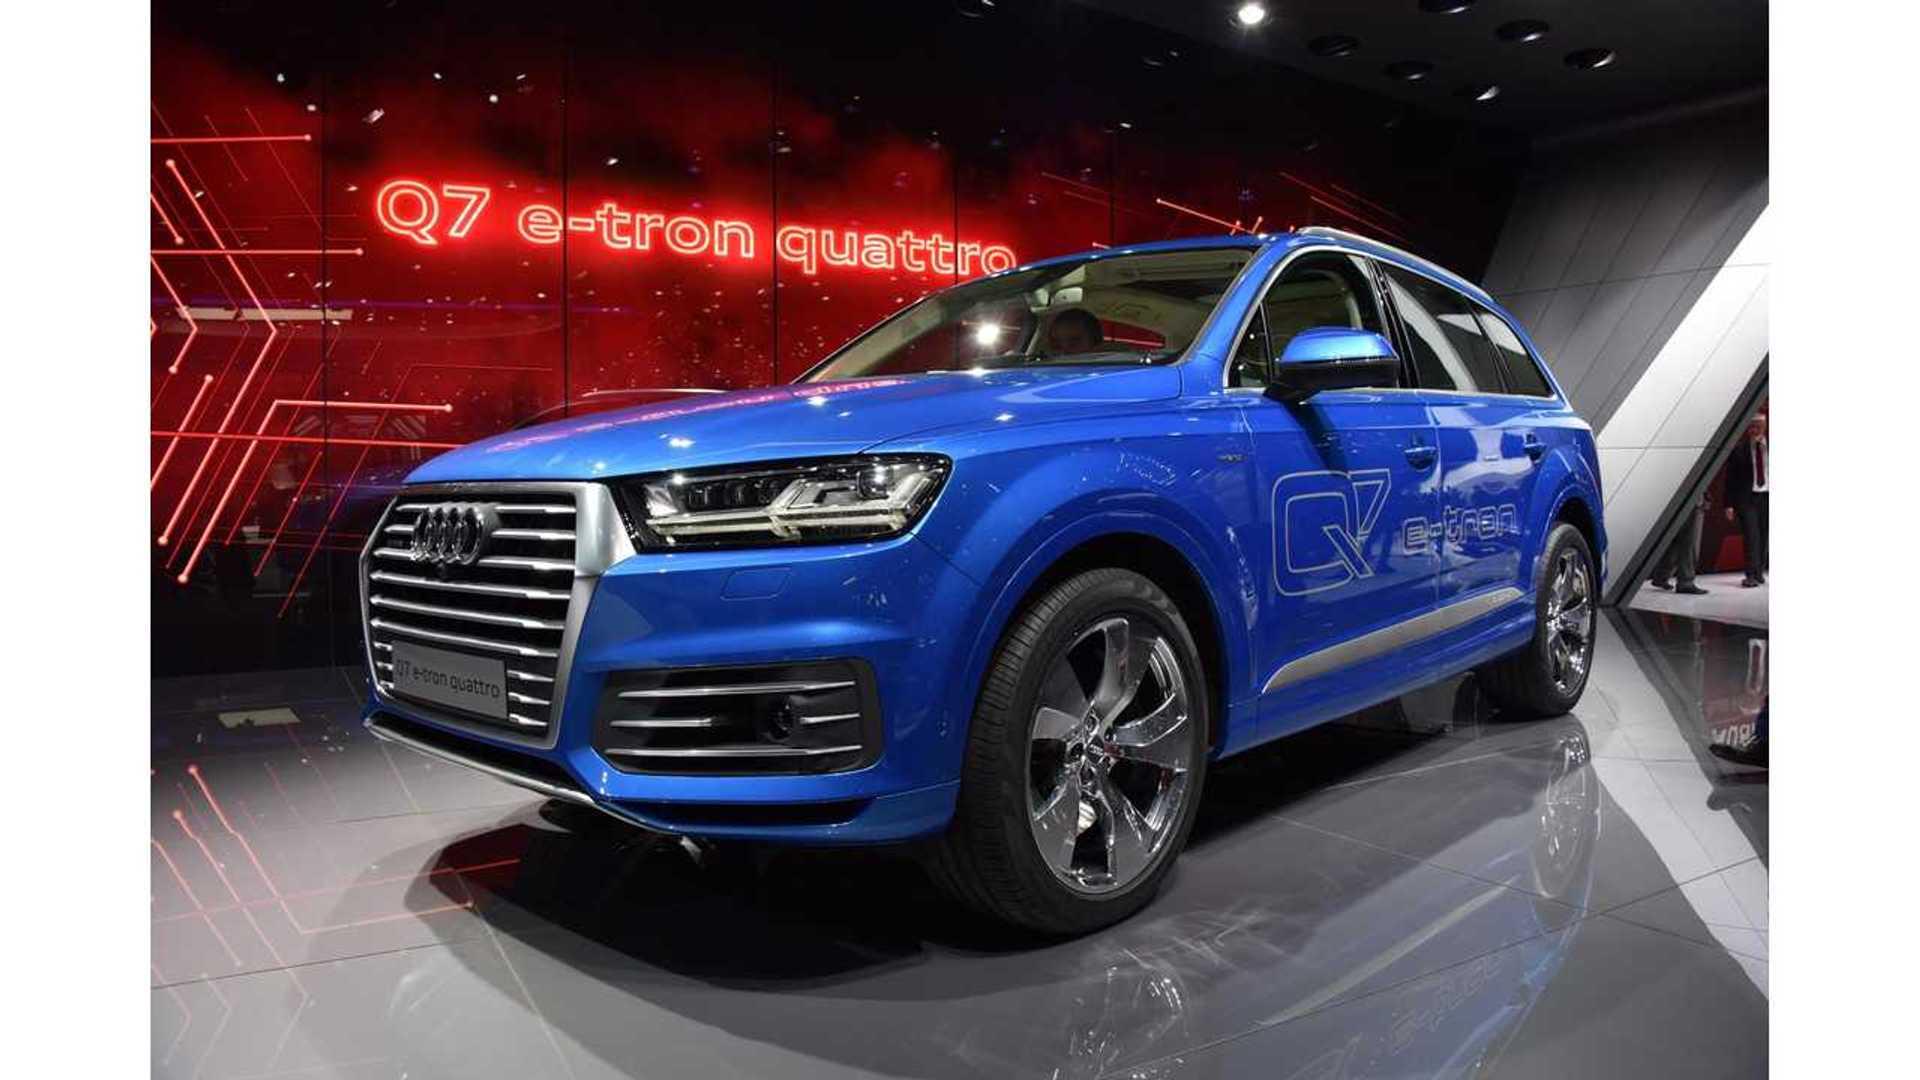 Kelebihan Kekurangan Audi Q7 Etron Top Model Tahun Ini